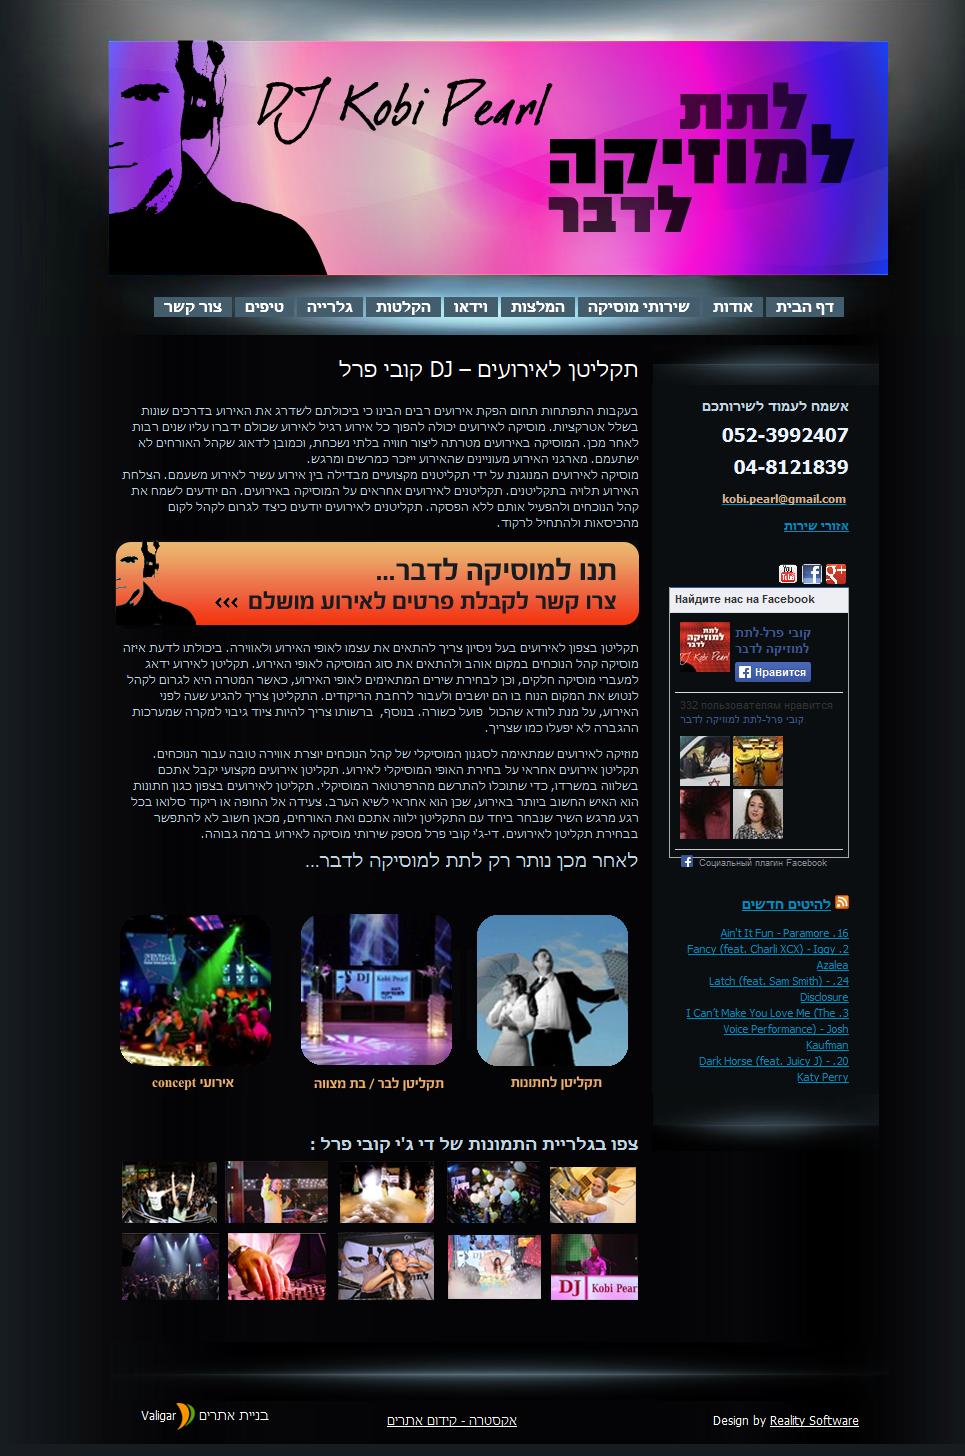 Website Design Template Archives - Page 3 of 3 - VALIGAR - Websites ...